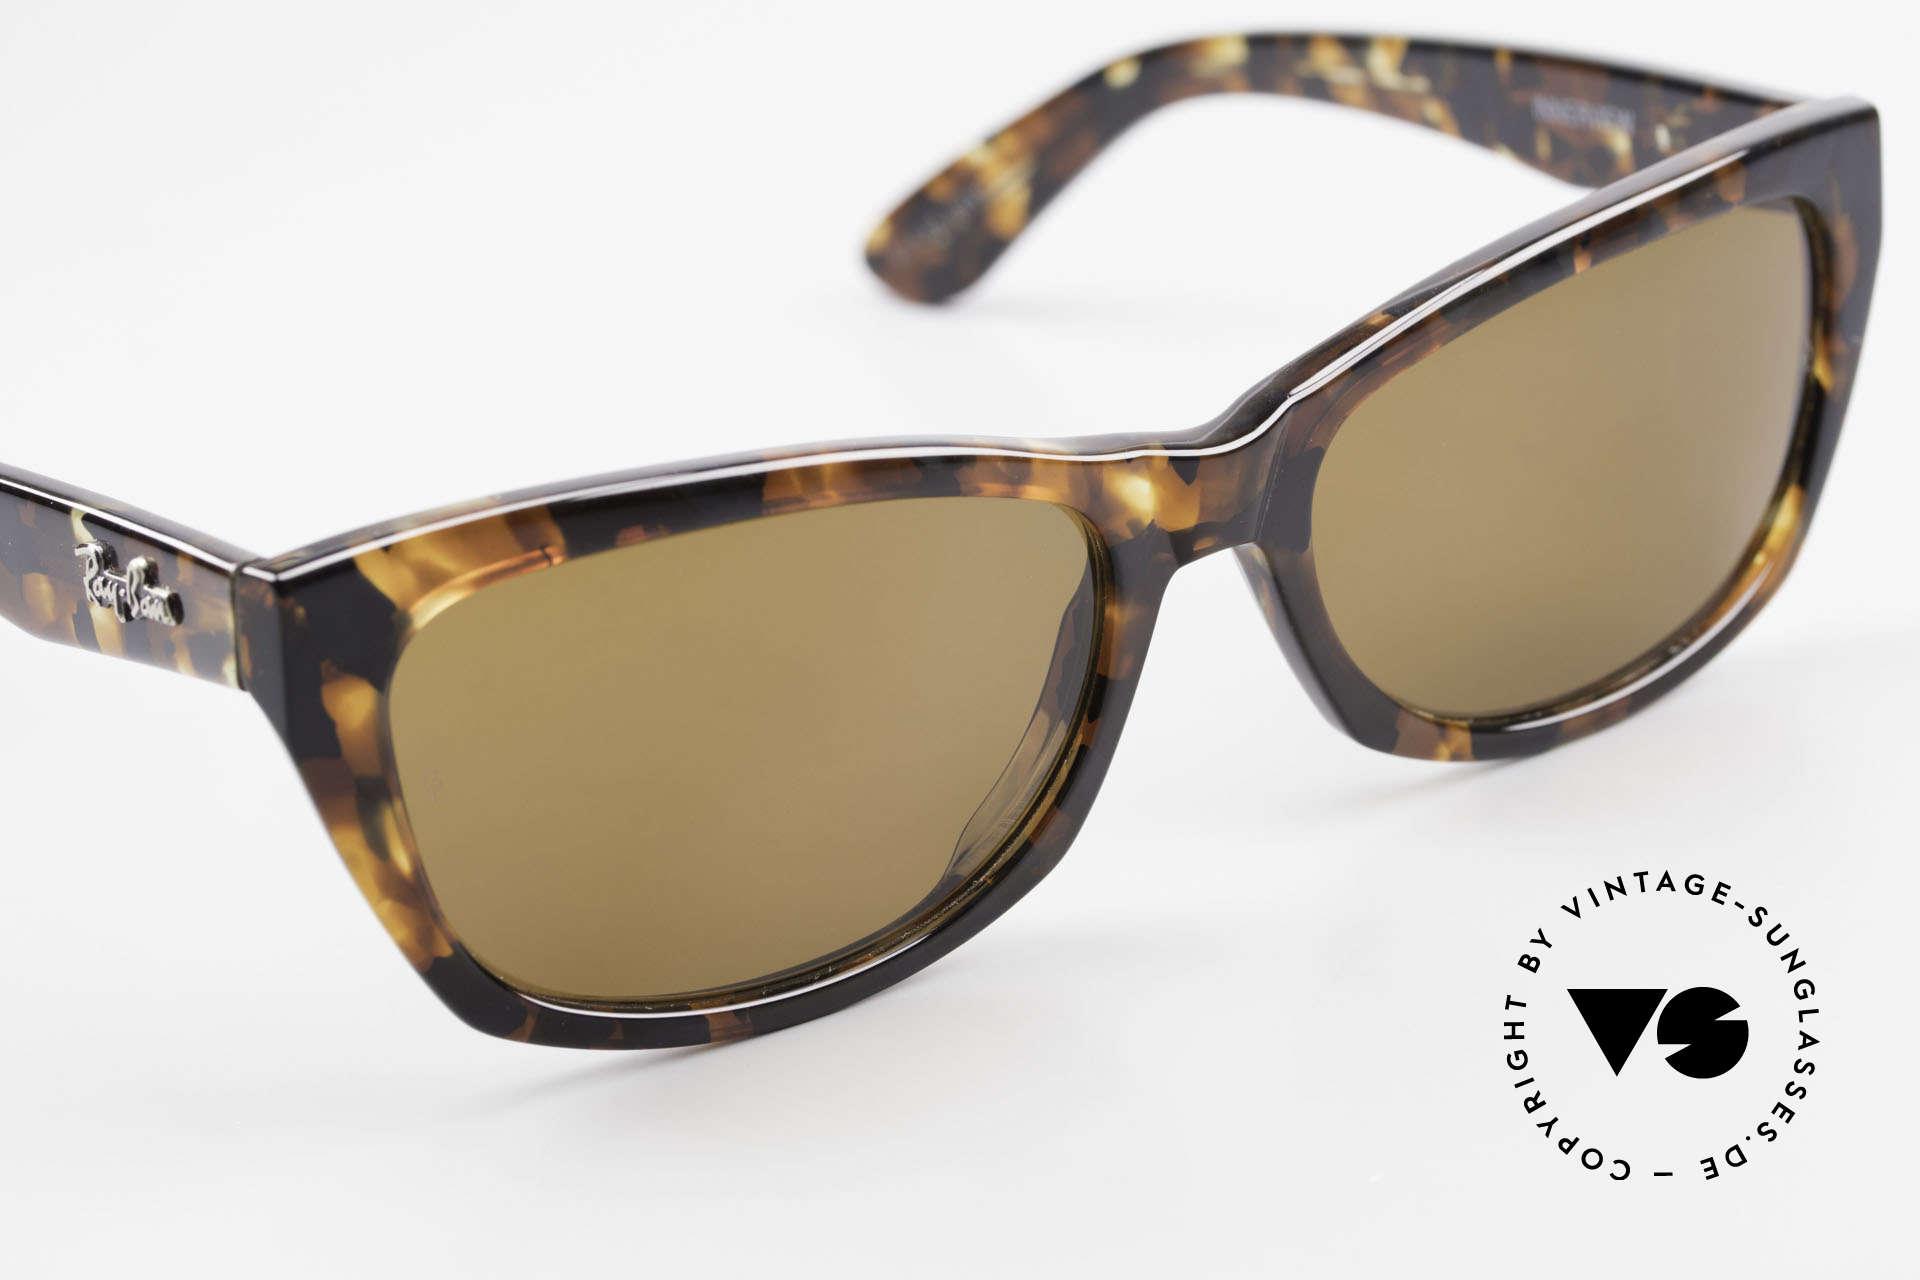 Ray Ban Innerview Alte B&L USA Sonnenbrille, KEINE retro Sonnenbrille; ein echtes B&L Original!, Passend für Damen